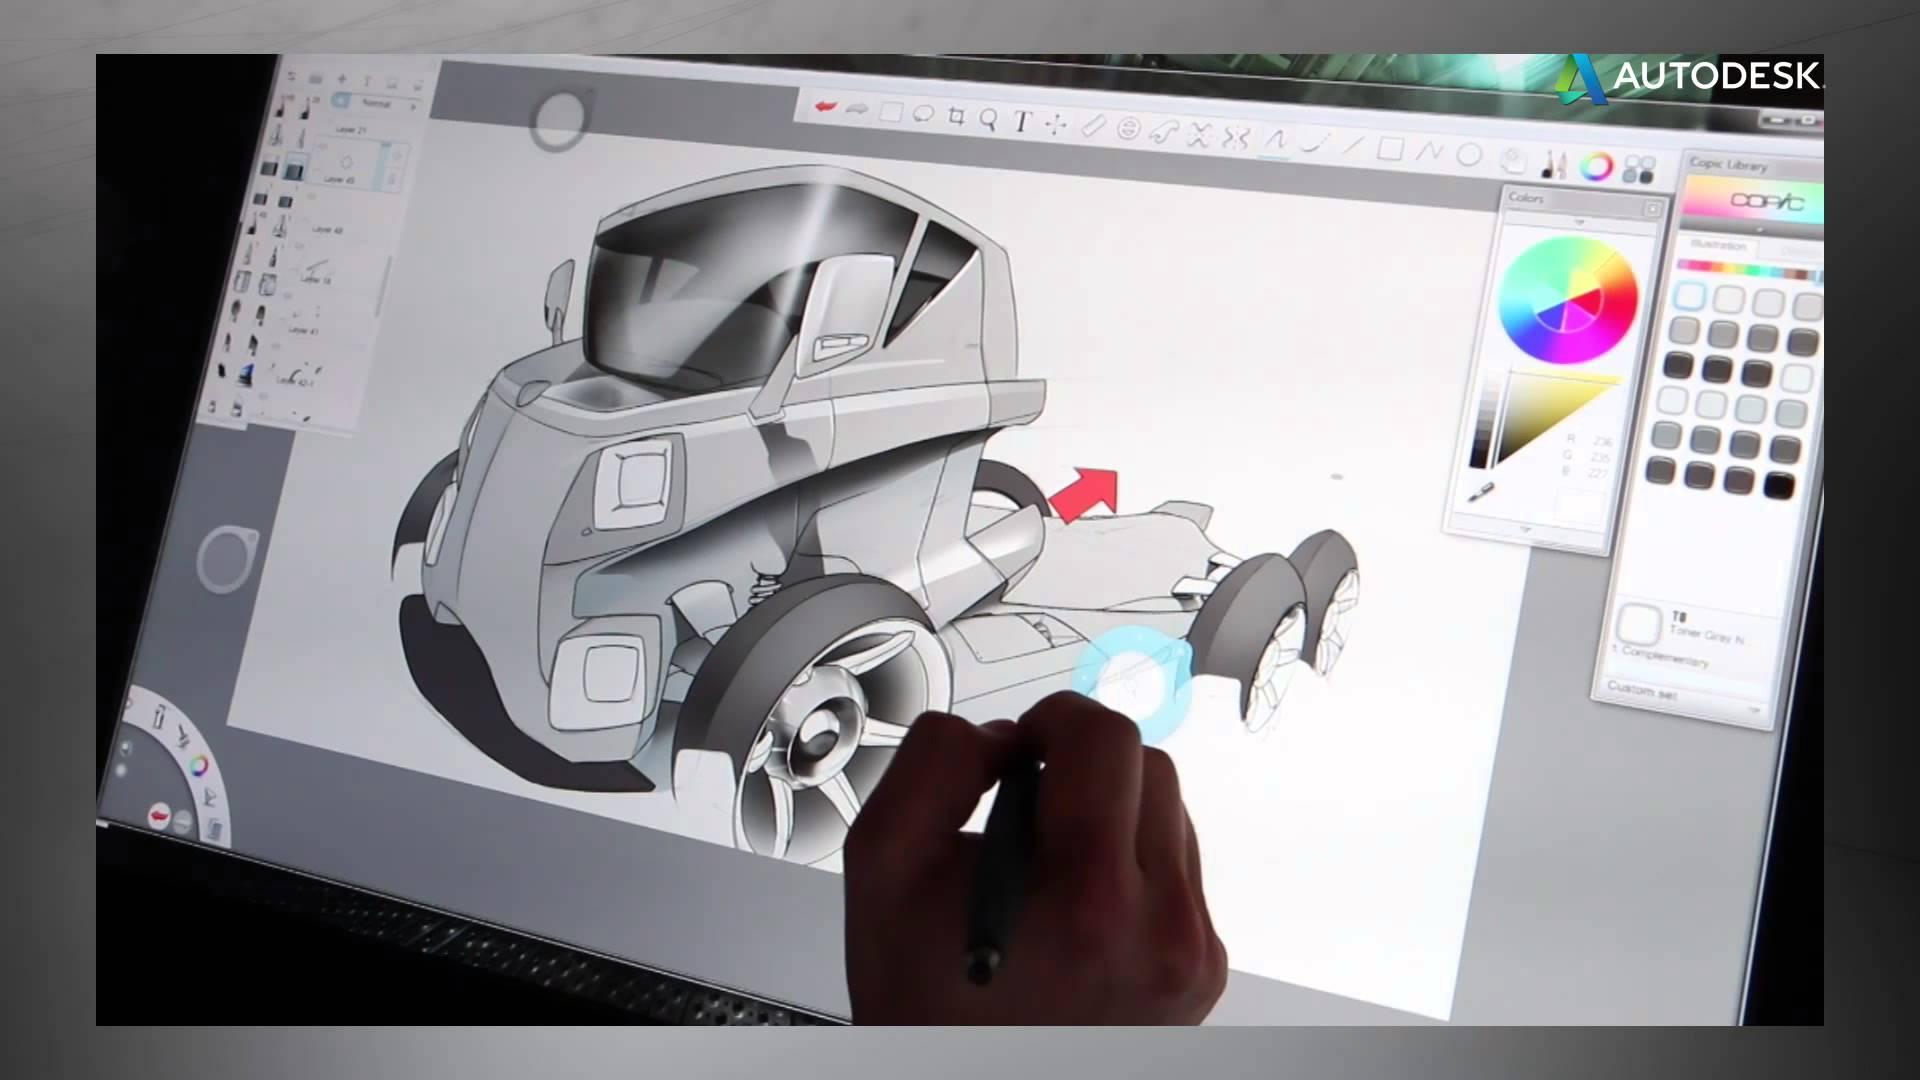 دانلود نرم افزار Autodesk SketchBook Pro طراحی و نقاشی اسکچ بوک